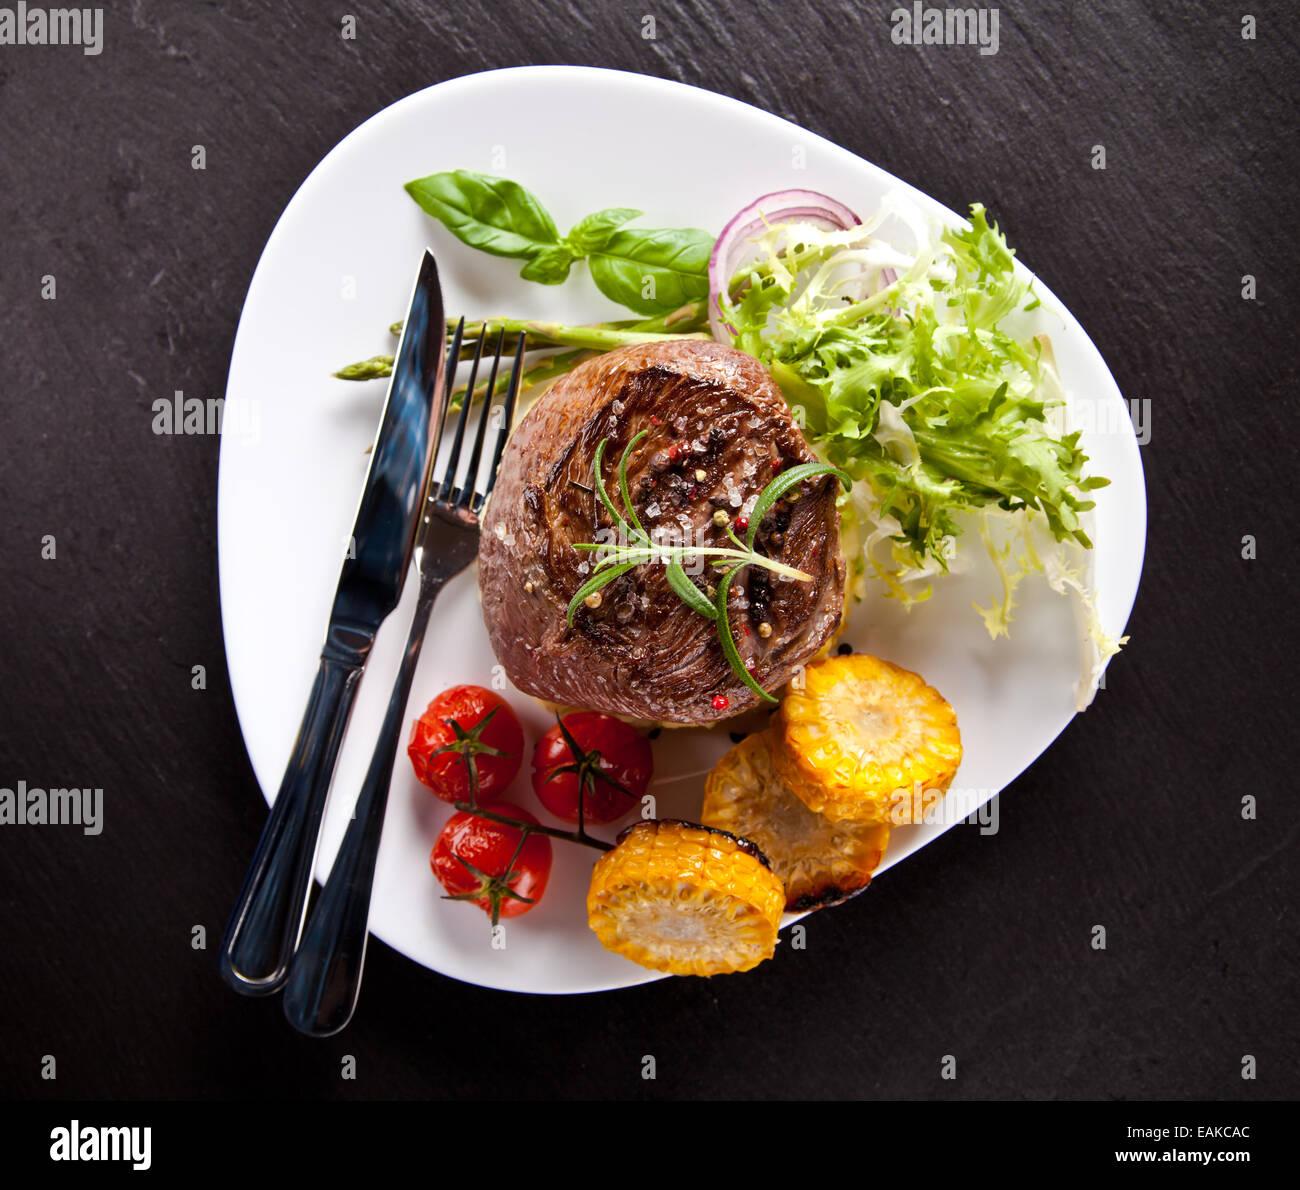 Stück rotes Fleisch Steak mit Gemüse, Kräutern und Gewürzen, serviert auf schwarzem Steinoberfläche. Stockbild